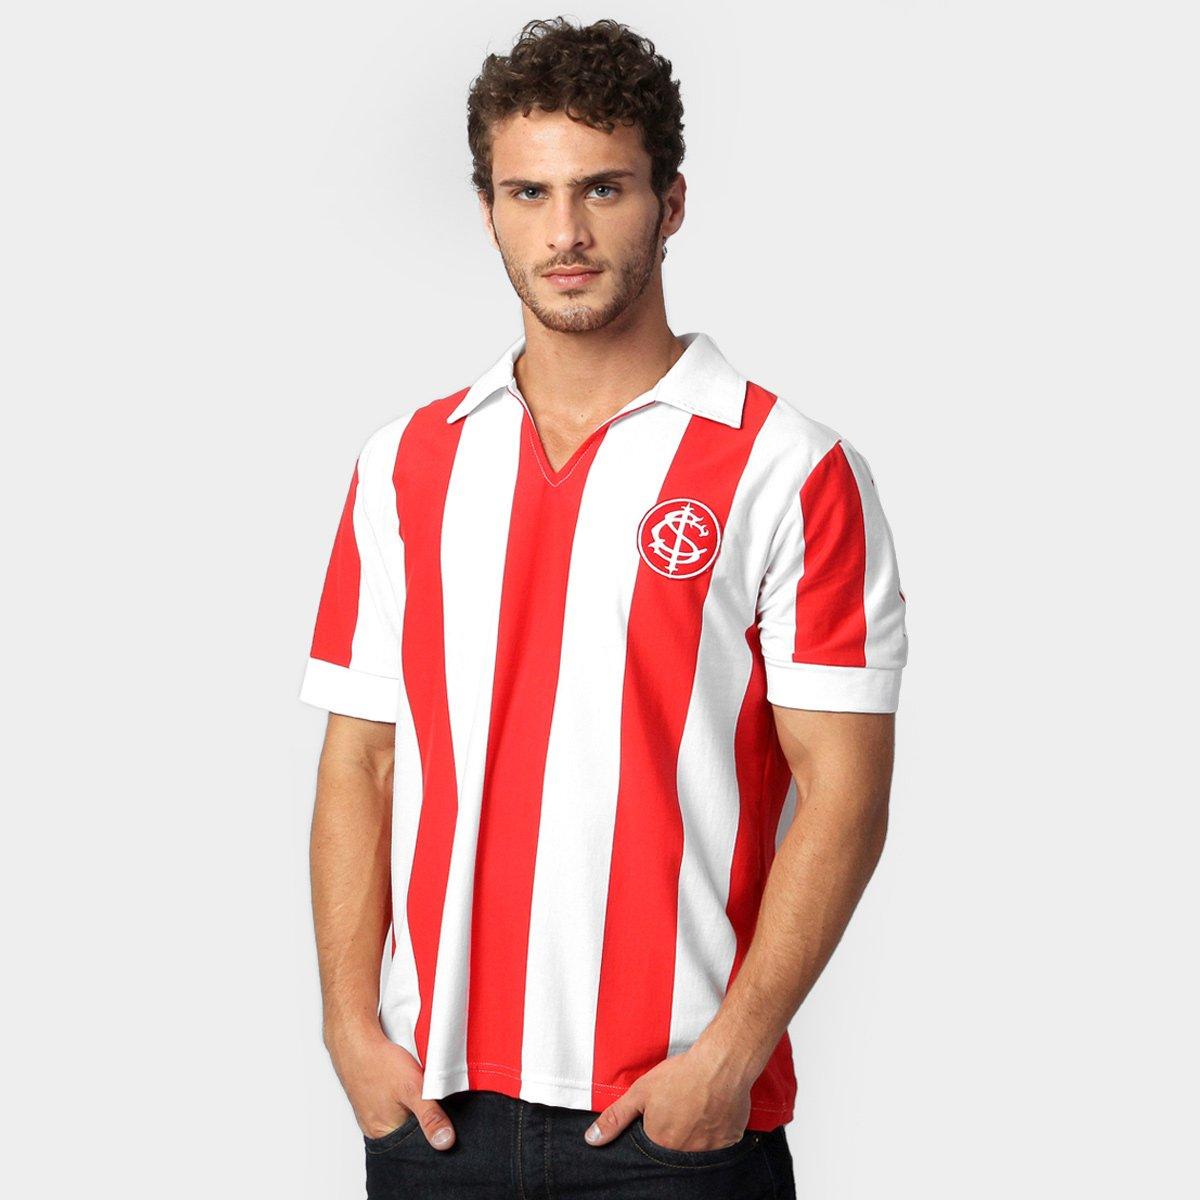 eaa8304cb0 Camisa Polo Internacional Listrada 1912 - Compre Agora